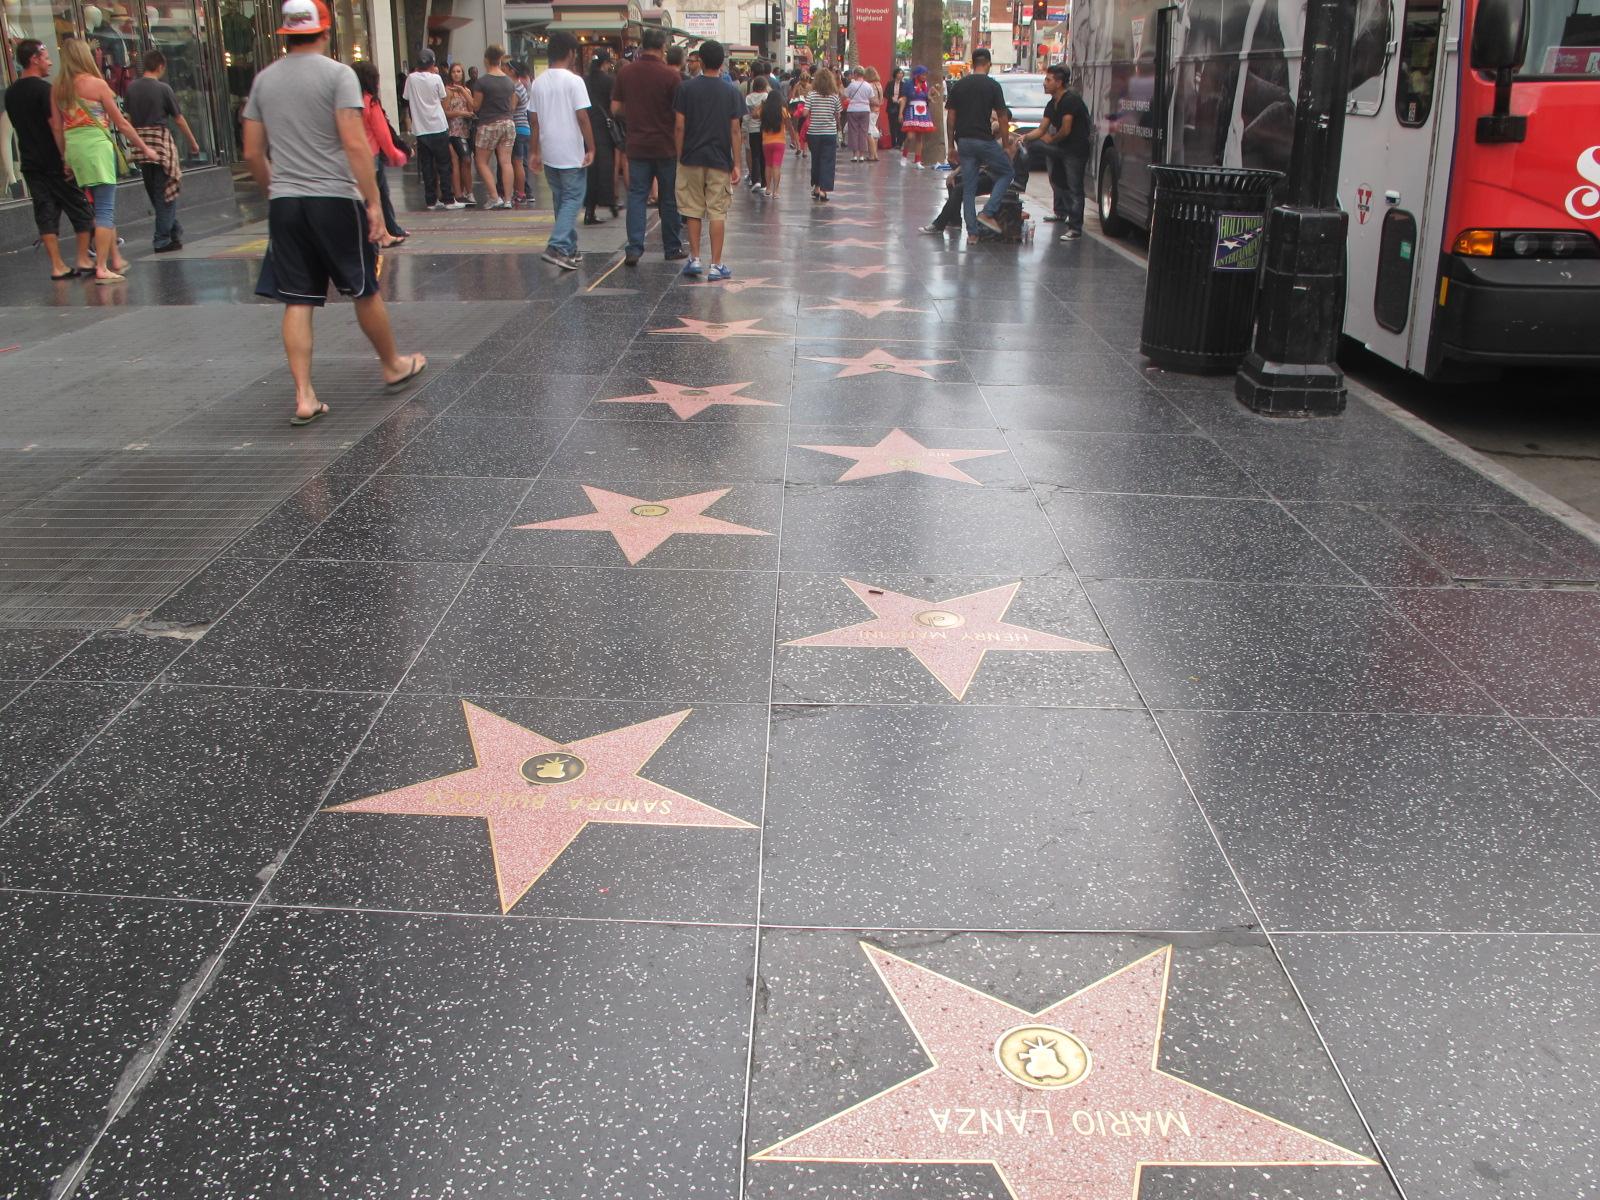 شارع المشاهير هوليود